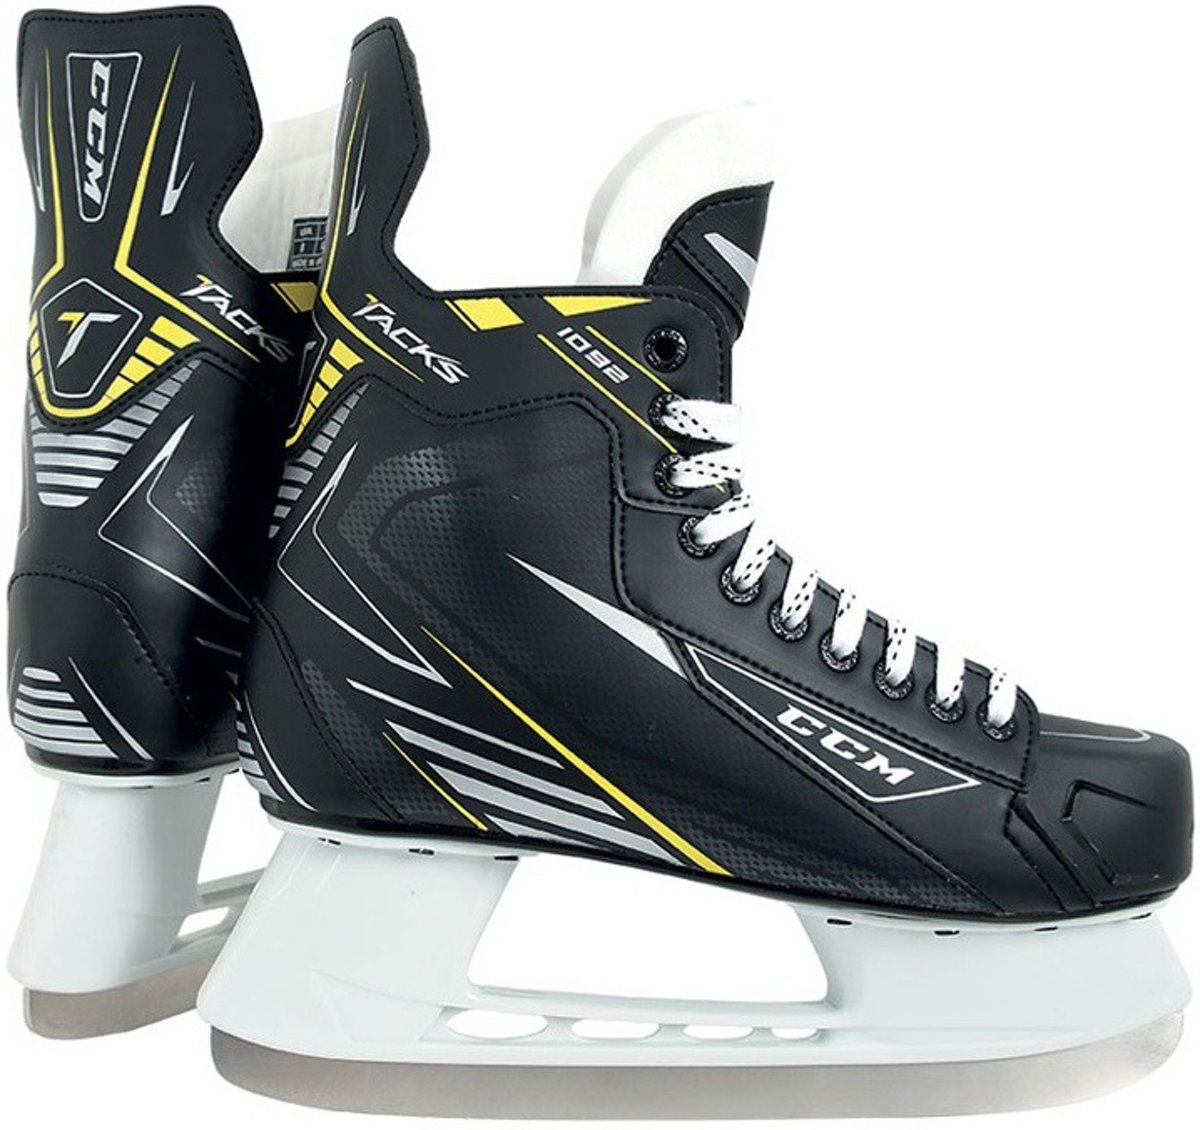 Ccm Ijshockeyschaatsen Tacks 1092 Unisex Zwart Maat 47